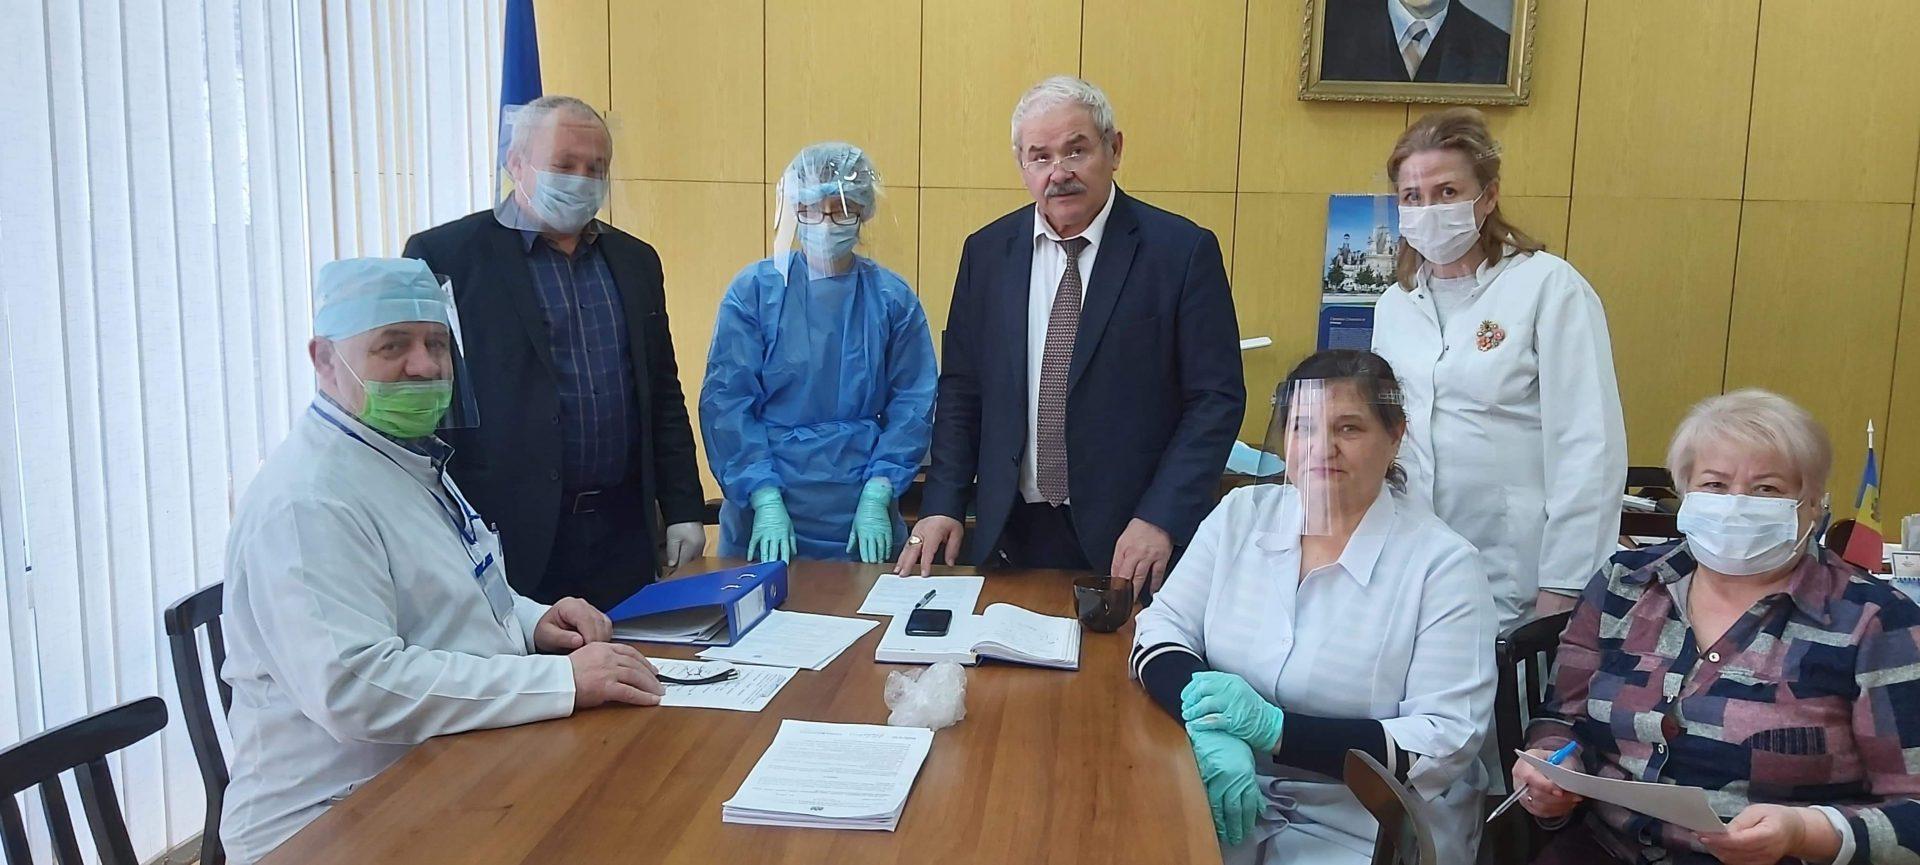 VIDEO | Medicii din Bălți au primit 100 de viziere. Acestea au fost fabricate destudenți cu suportul financiar al membrilor PAS